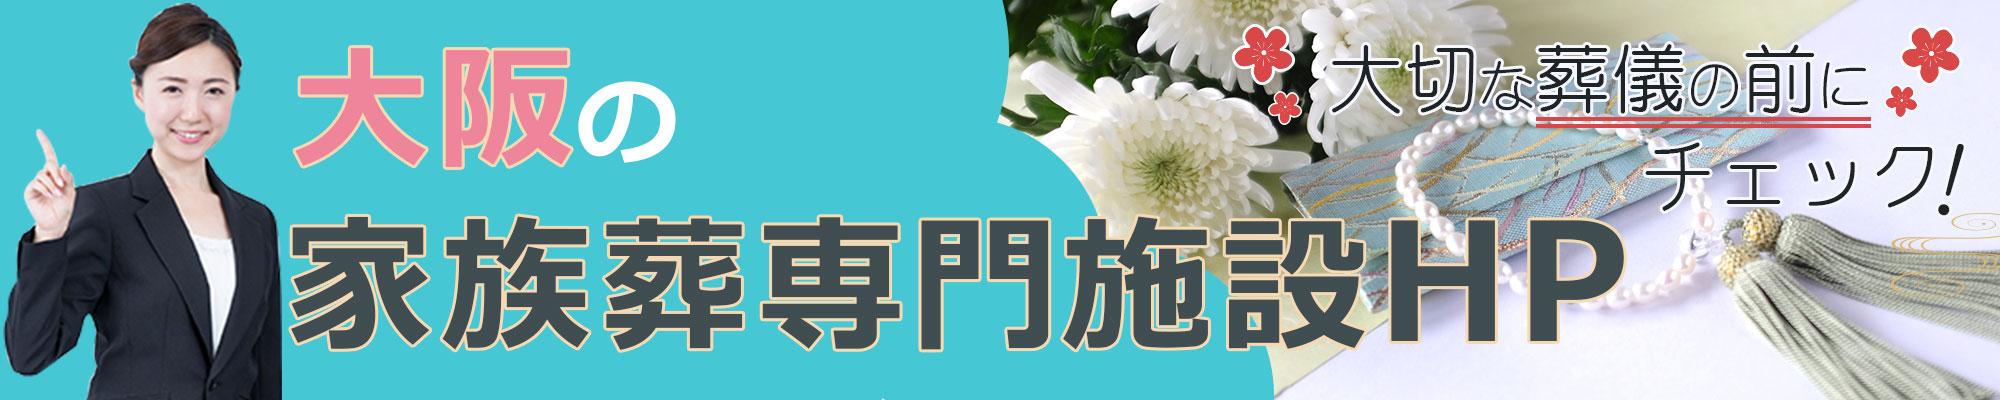 【大阪の家族葬専門施設HP】大切な葬儀の前にチェック!